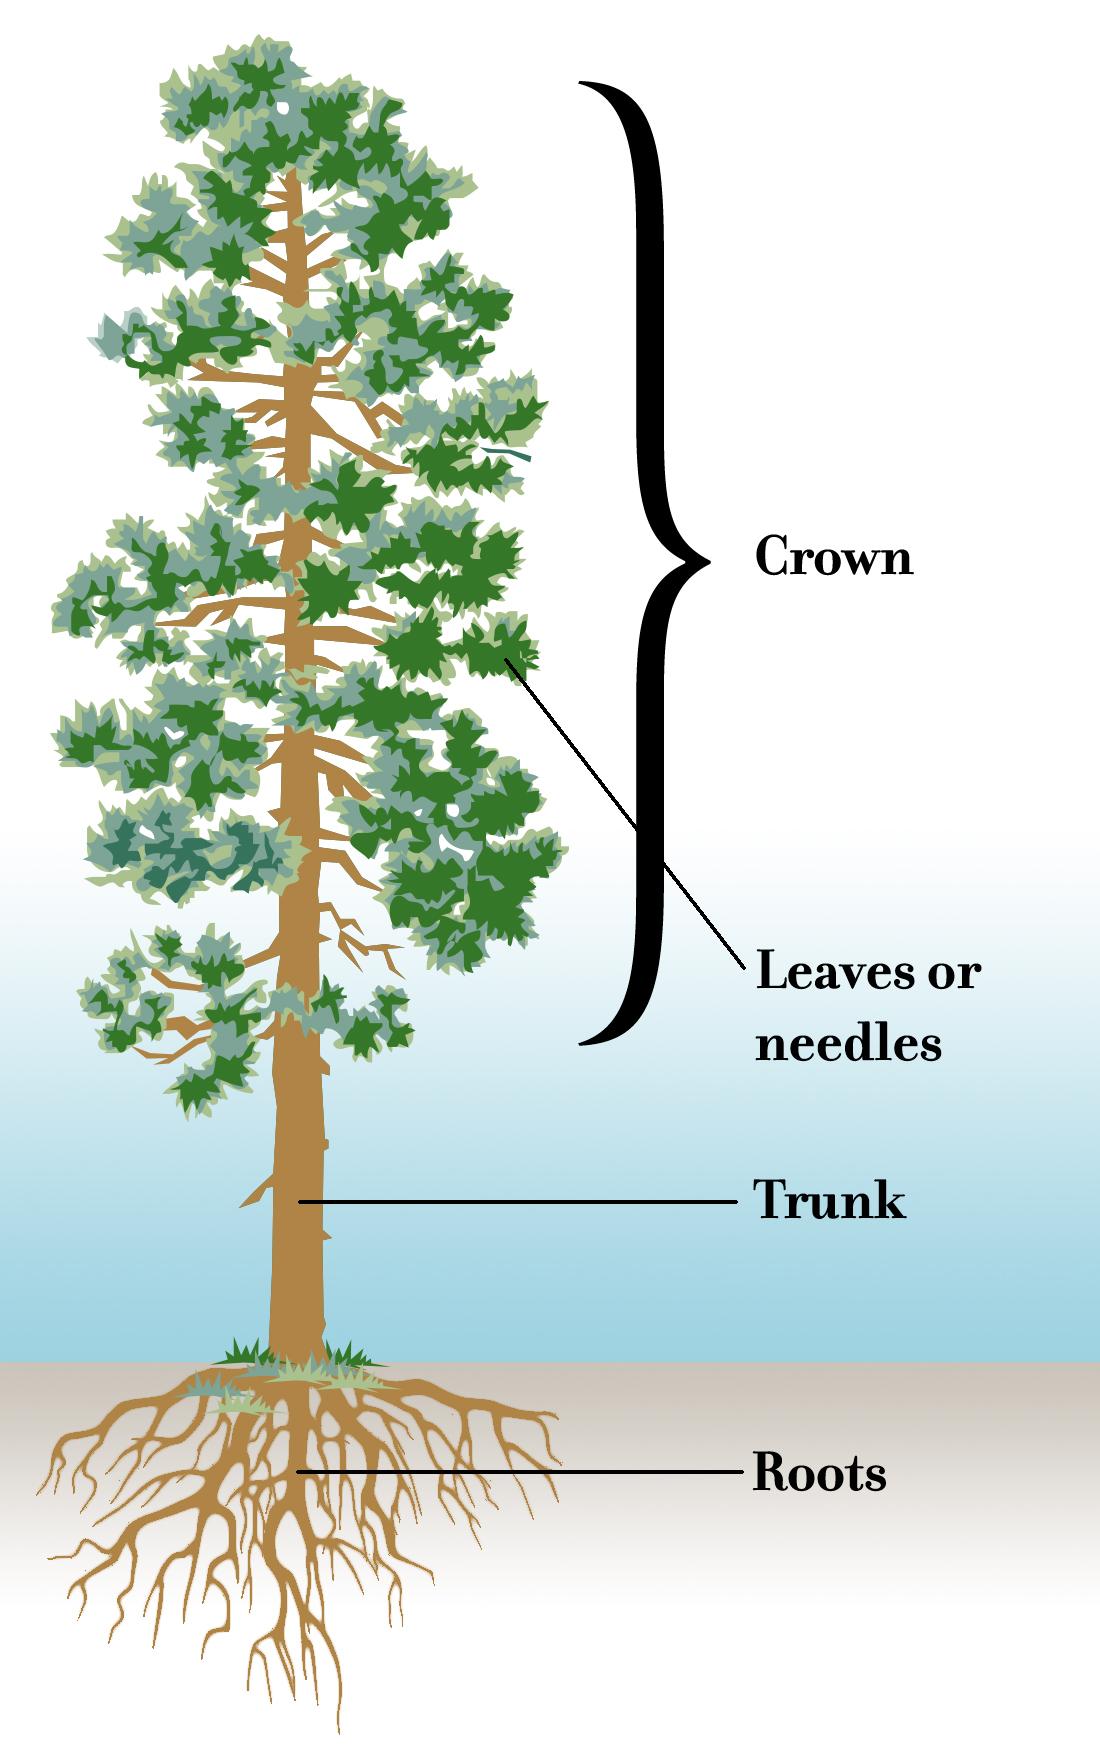 crown tree trunk diagram    tree    biology oregonforests     tree    biology oregonforests